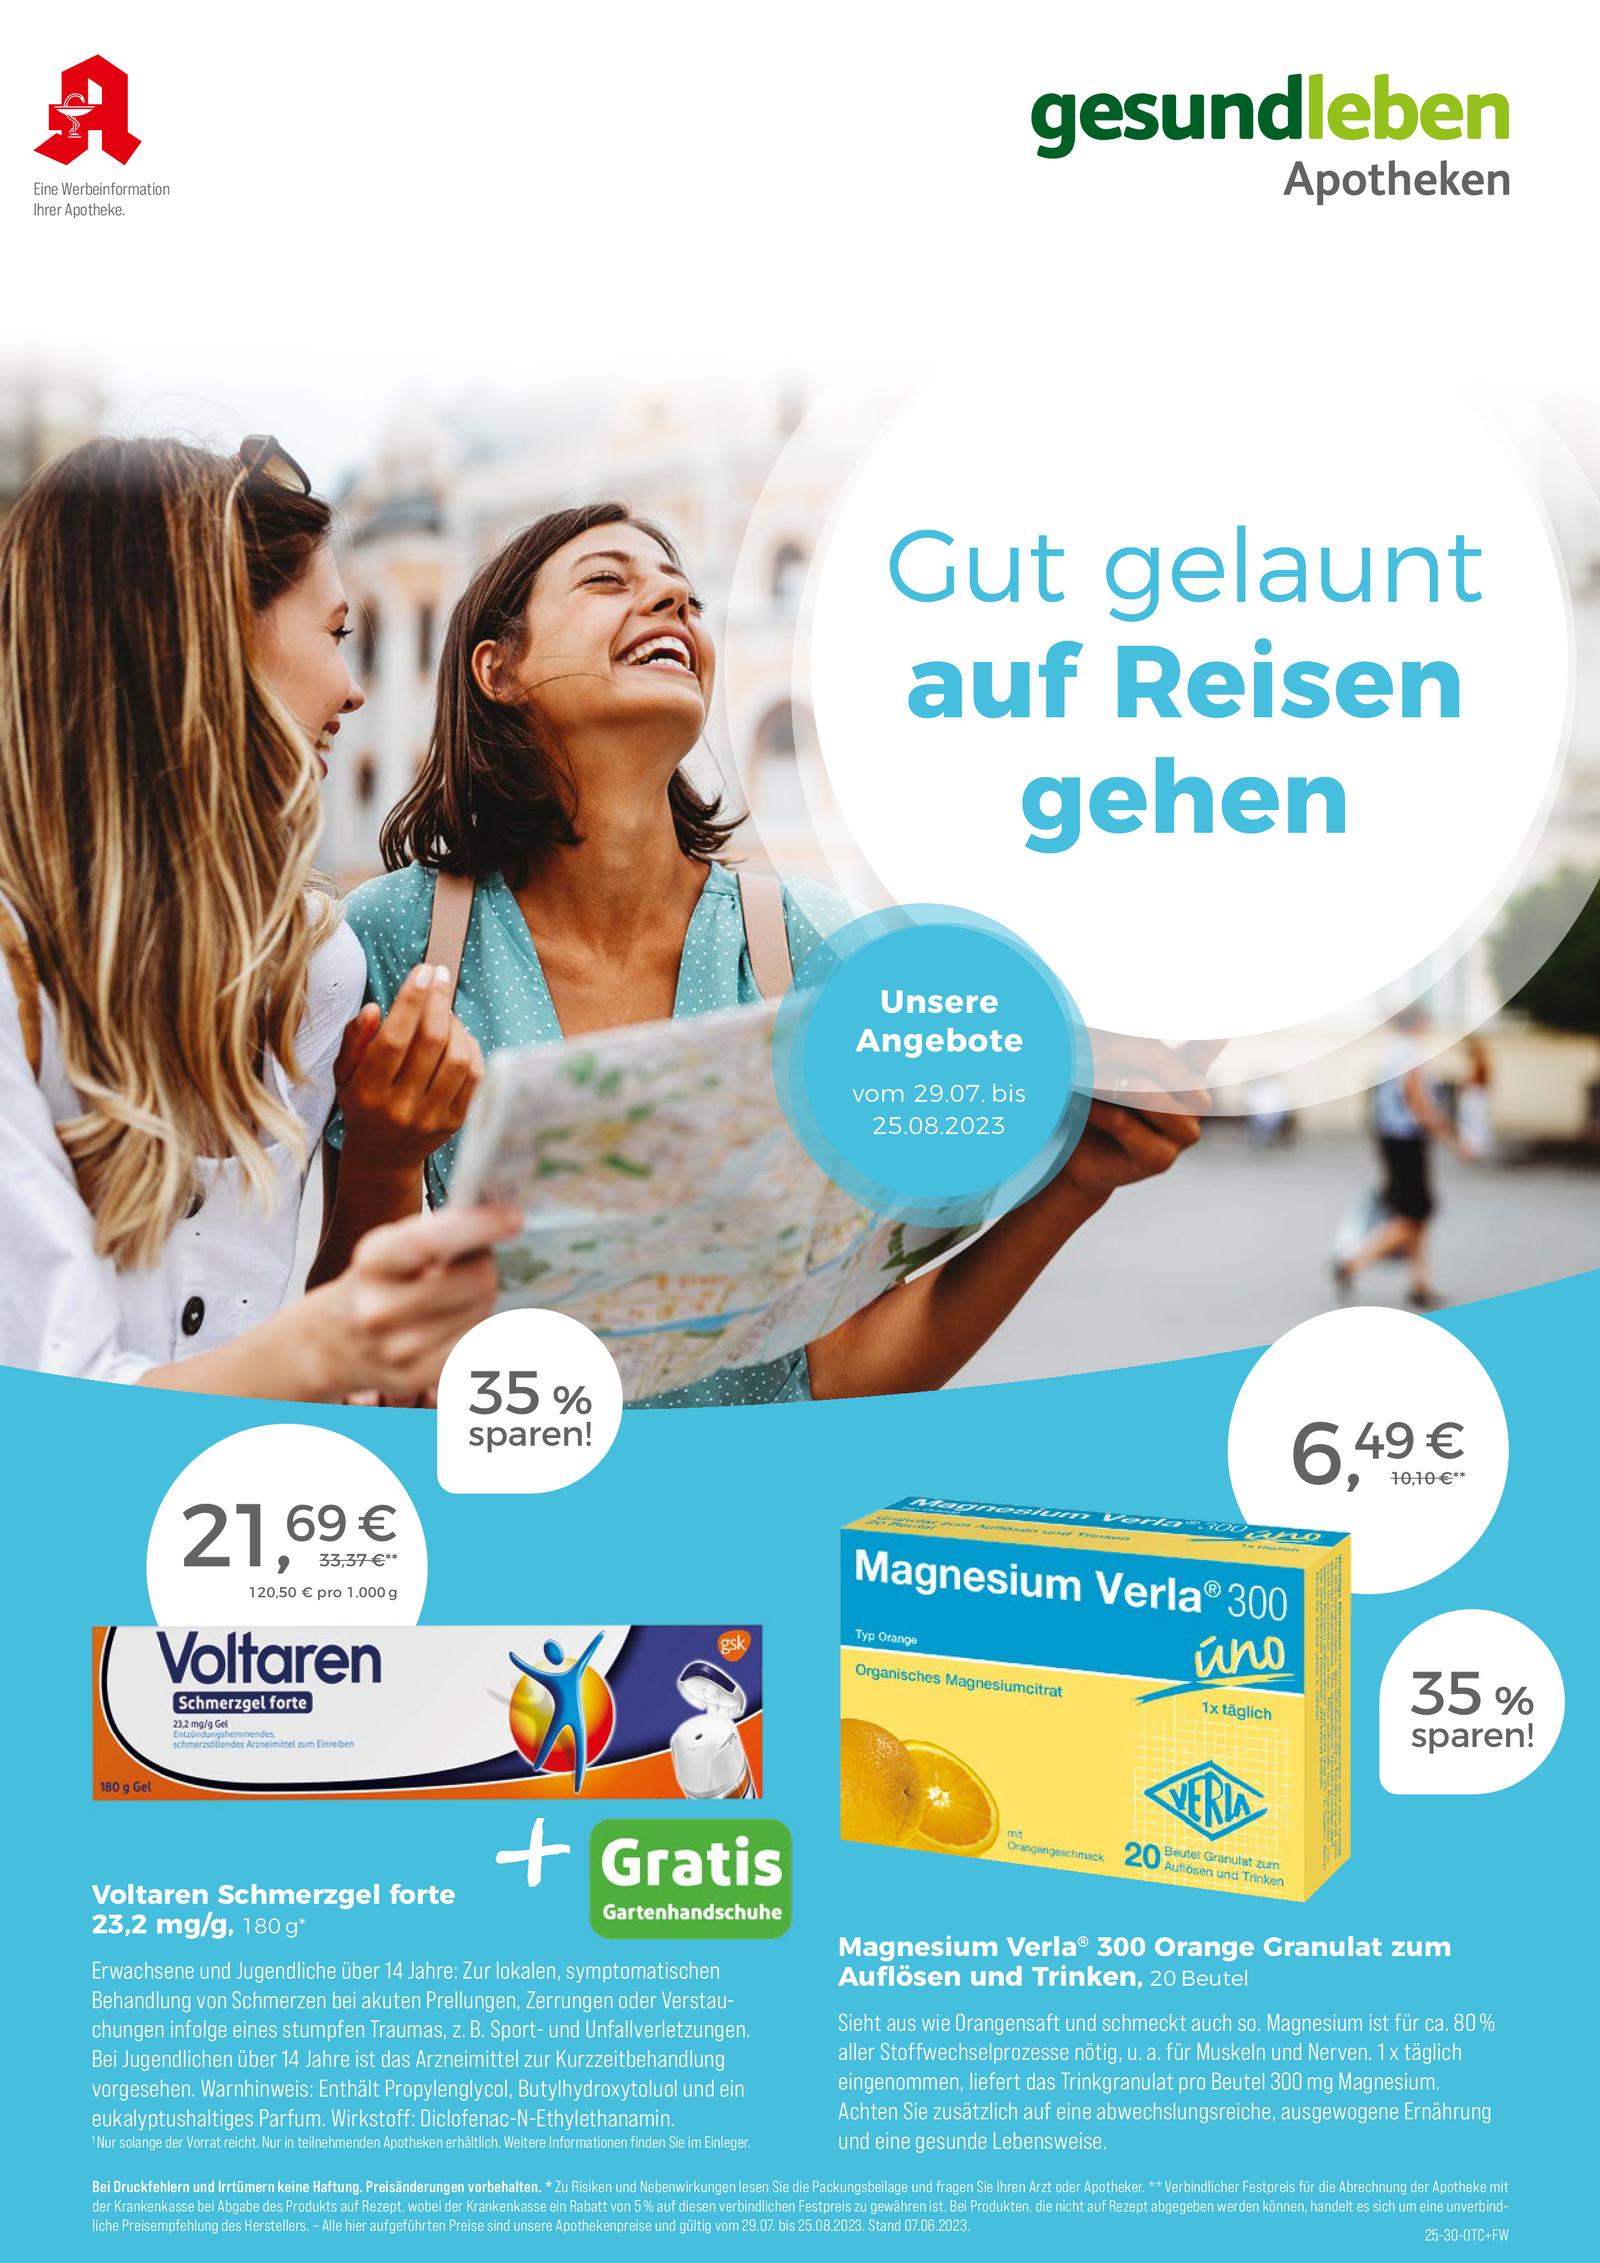 https://mein-uploads.apocdn.net/28359/leaflets/gesundleben_hoch-Seite1.png